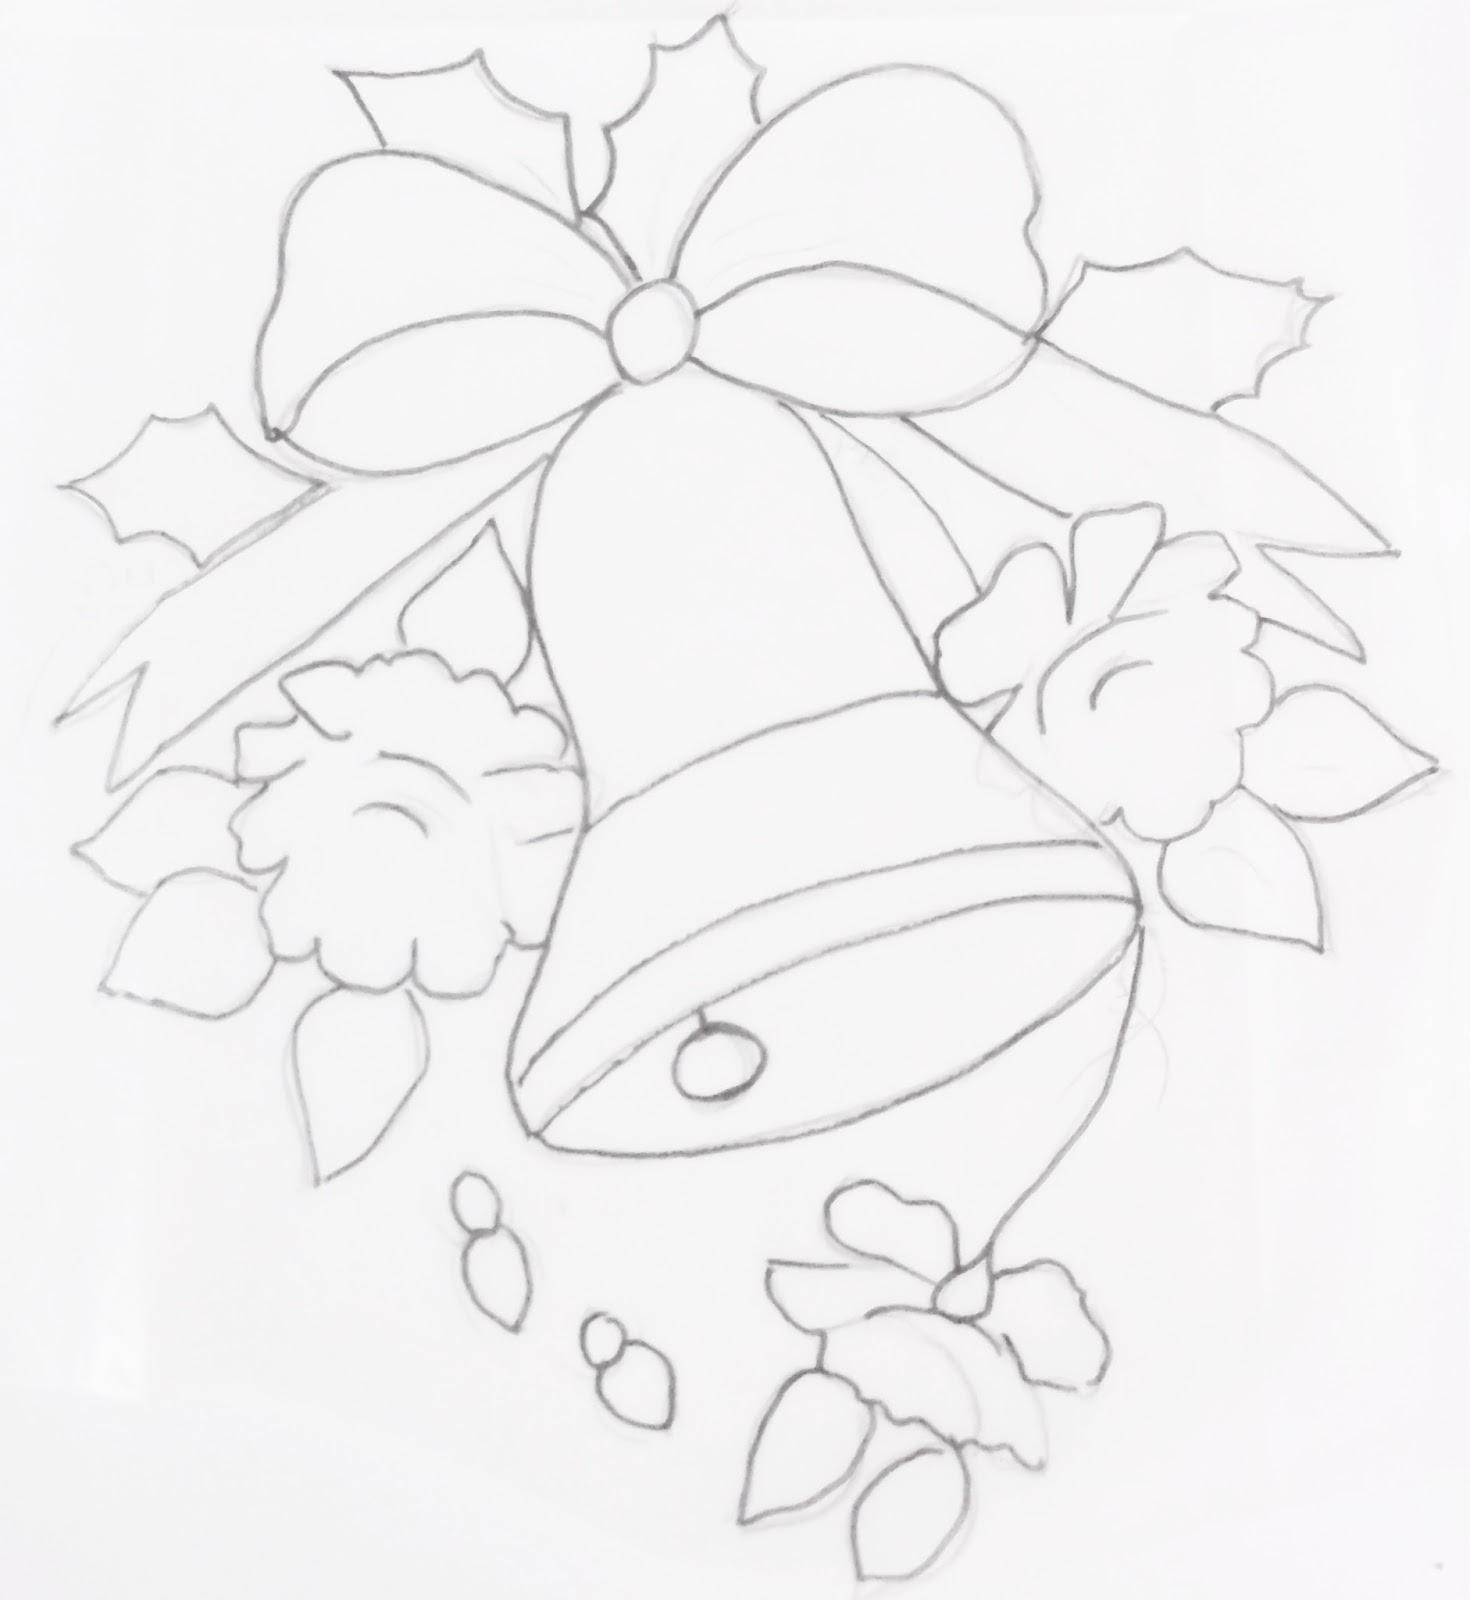 70 desenhos de sinos velas bonecos de neve e enfeites  - imagens sinos natal colorir